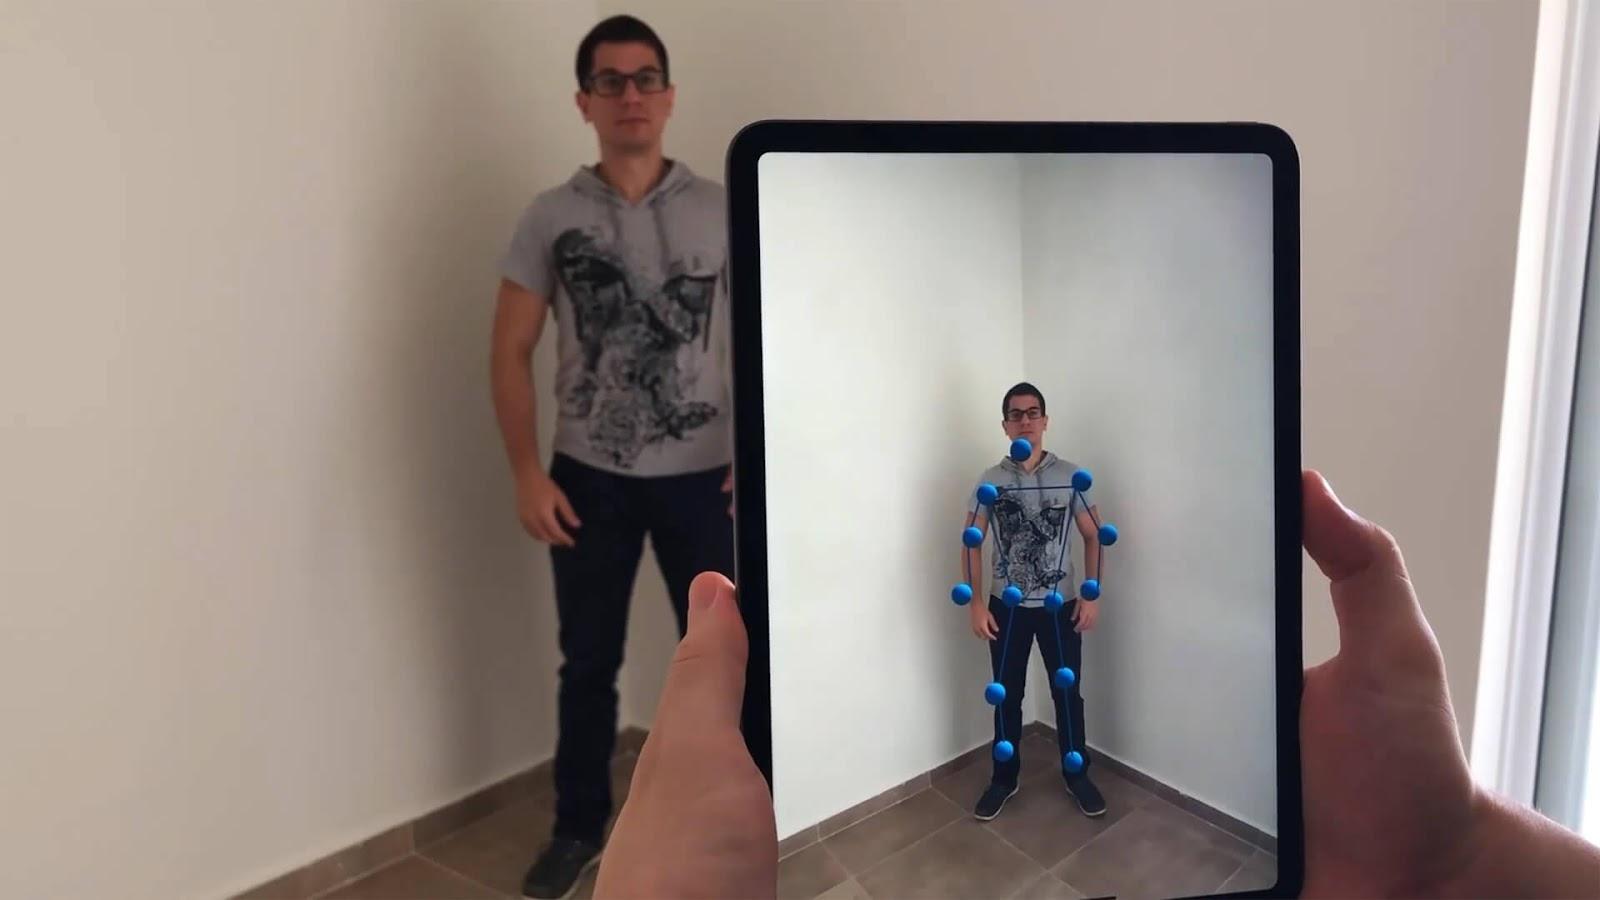 https://lightbuzz.com/wp-content/uploads/2019/06/body-tracking-arkit-cover.jpg